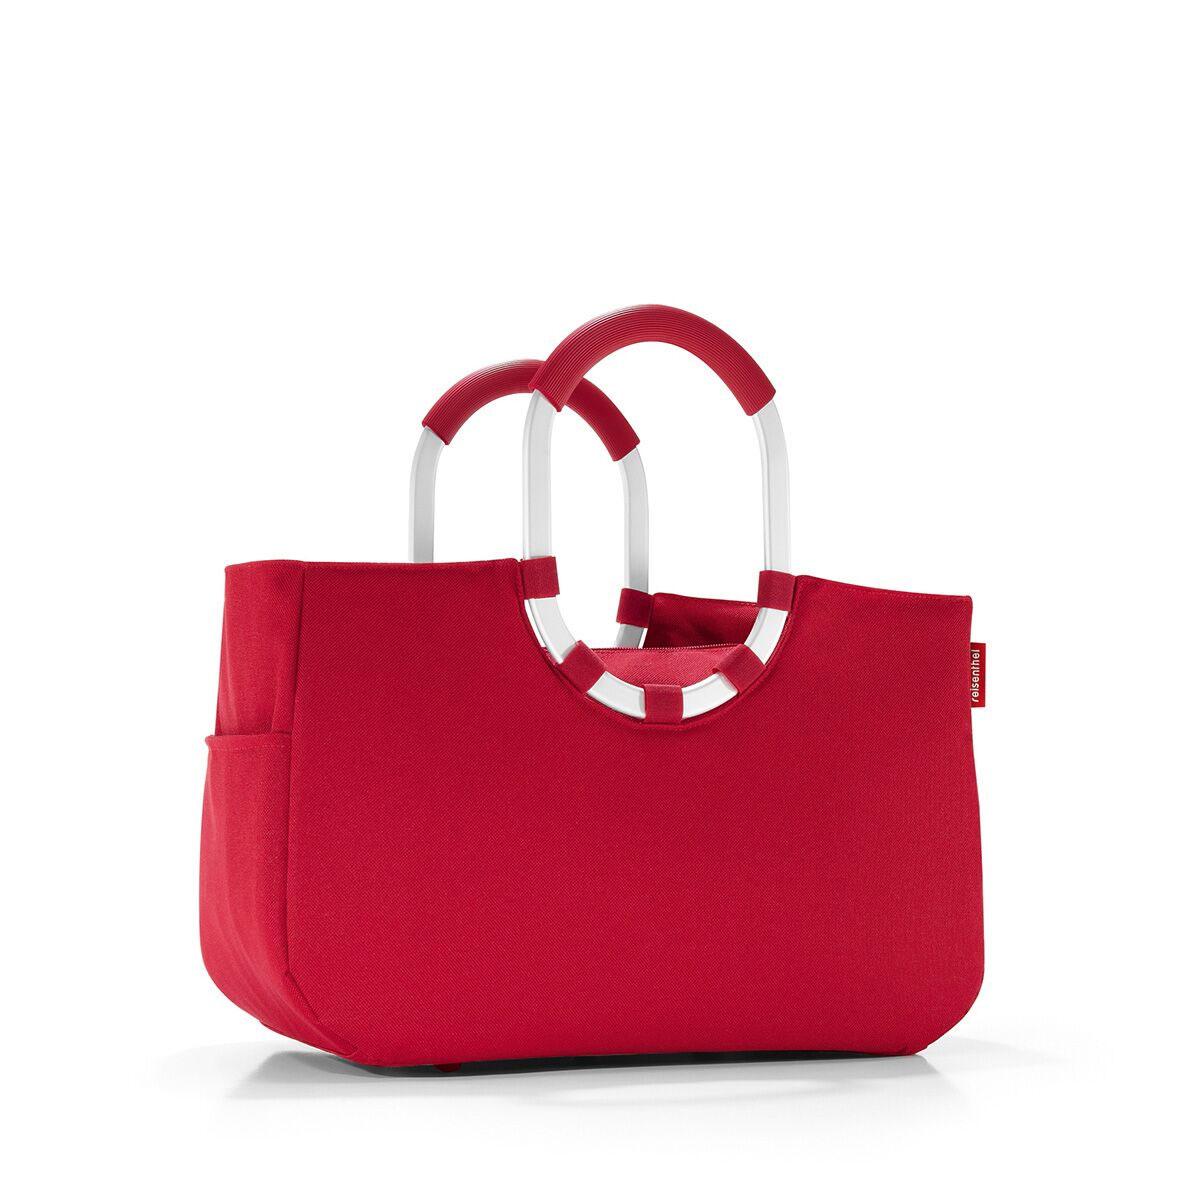 Сумка женская Reisenthel, цвет: темно-красный. OS3004OS3004Практичная женская сумка Reisenthel изготовлена из текстиля. Сумка имеет одно отделение, внутри которого находится прорезной карман на застежке- молнии. Снаружи, по боковым сторонам сумки расположены накладные открытые карманы. Изделие оснащено съемным отделением на застежке-молнии, которое пристегивается к сумке с помощью хлястиков с кнопками. Съемное отделение снаружи дополнено прорезным карманом на застежке-молнии и накладным открытым кармашком. Сумка оснащена двумя алюминиевыми ручками с прорезиненными накладками, которые фиксируются с помощью липучек. Основание изделия защищено от повреждений пластиковыми ножками.